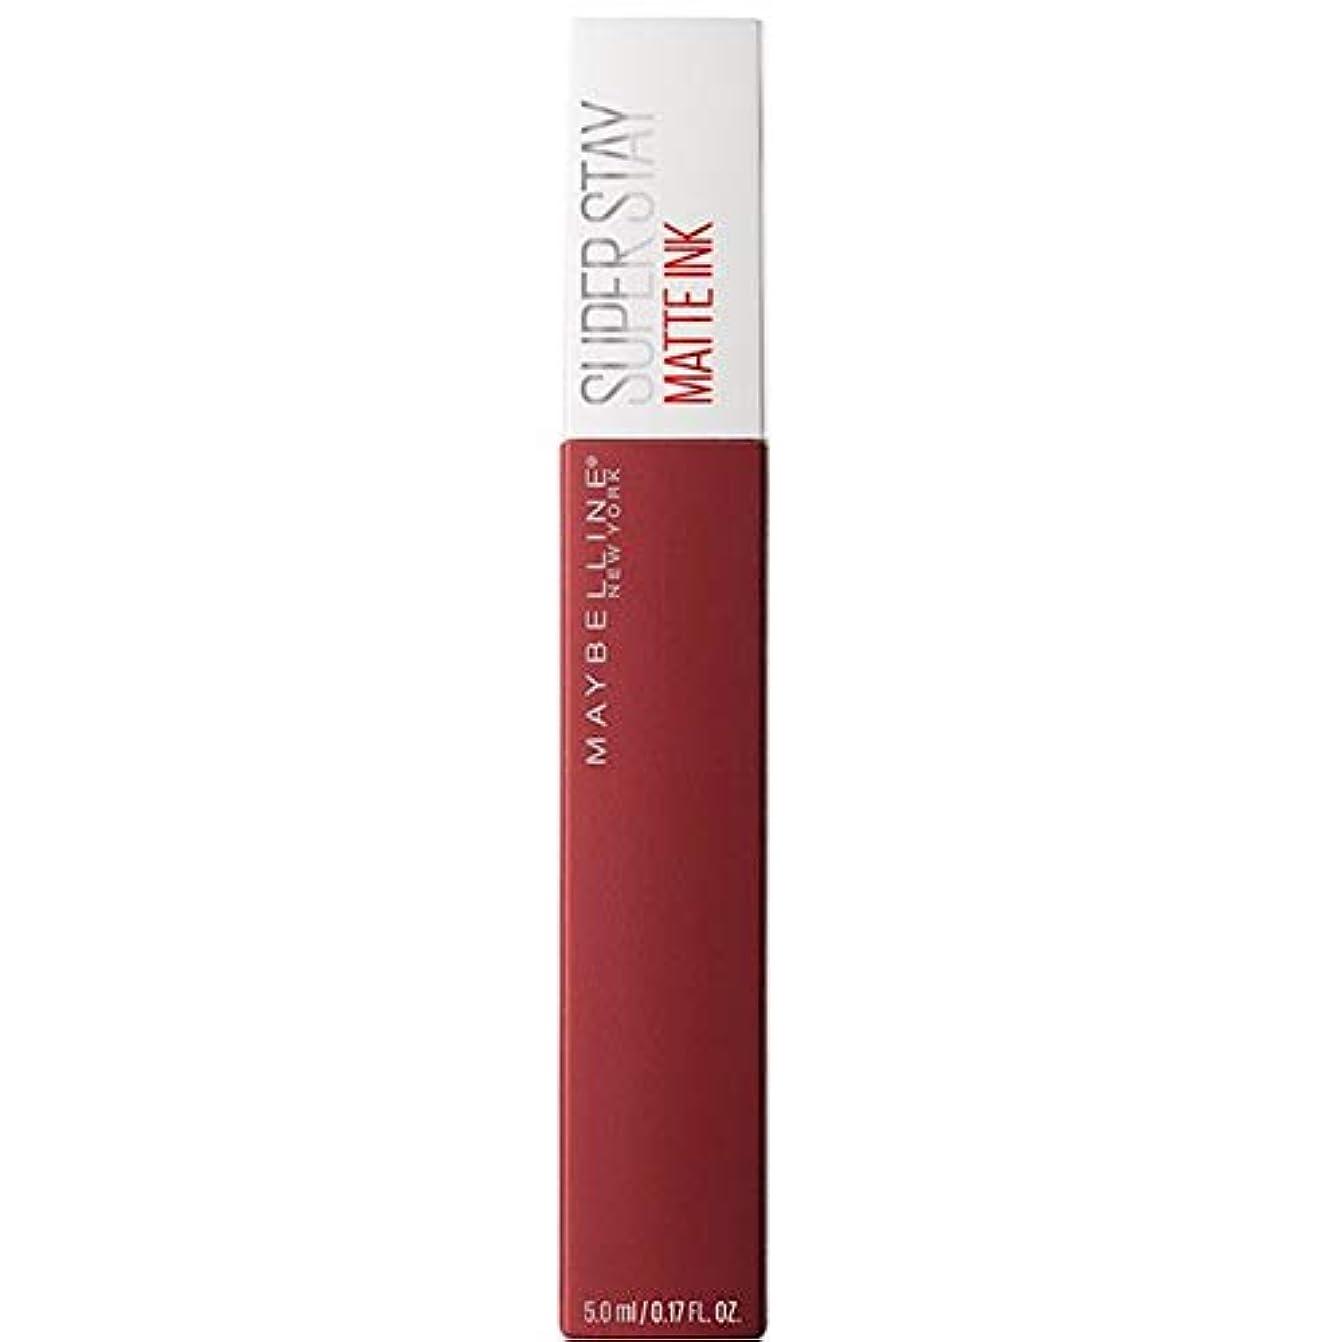 パイプライン含むフリル[Maybelline ] メイベリンSuperstayマットインク液50ボイジャー - Maybelline Superstay Matte Ink Liquid 50 Voyager [並行輸入品]